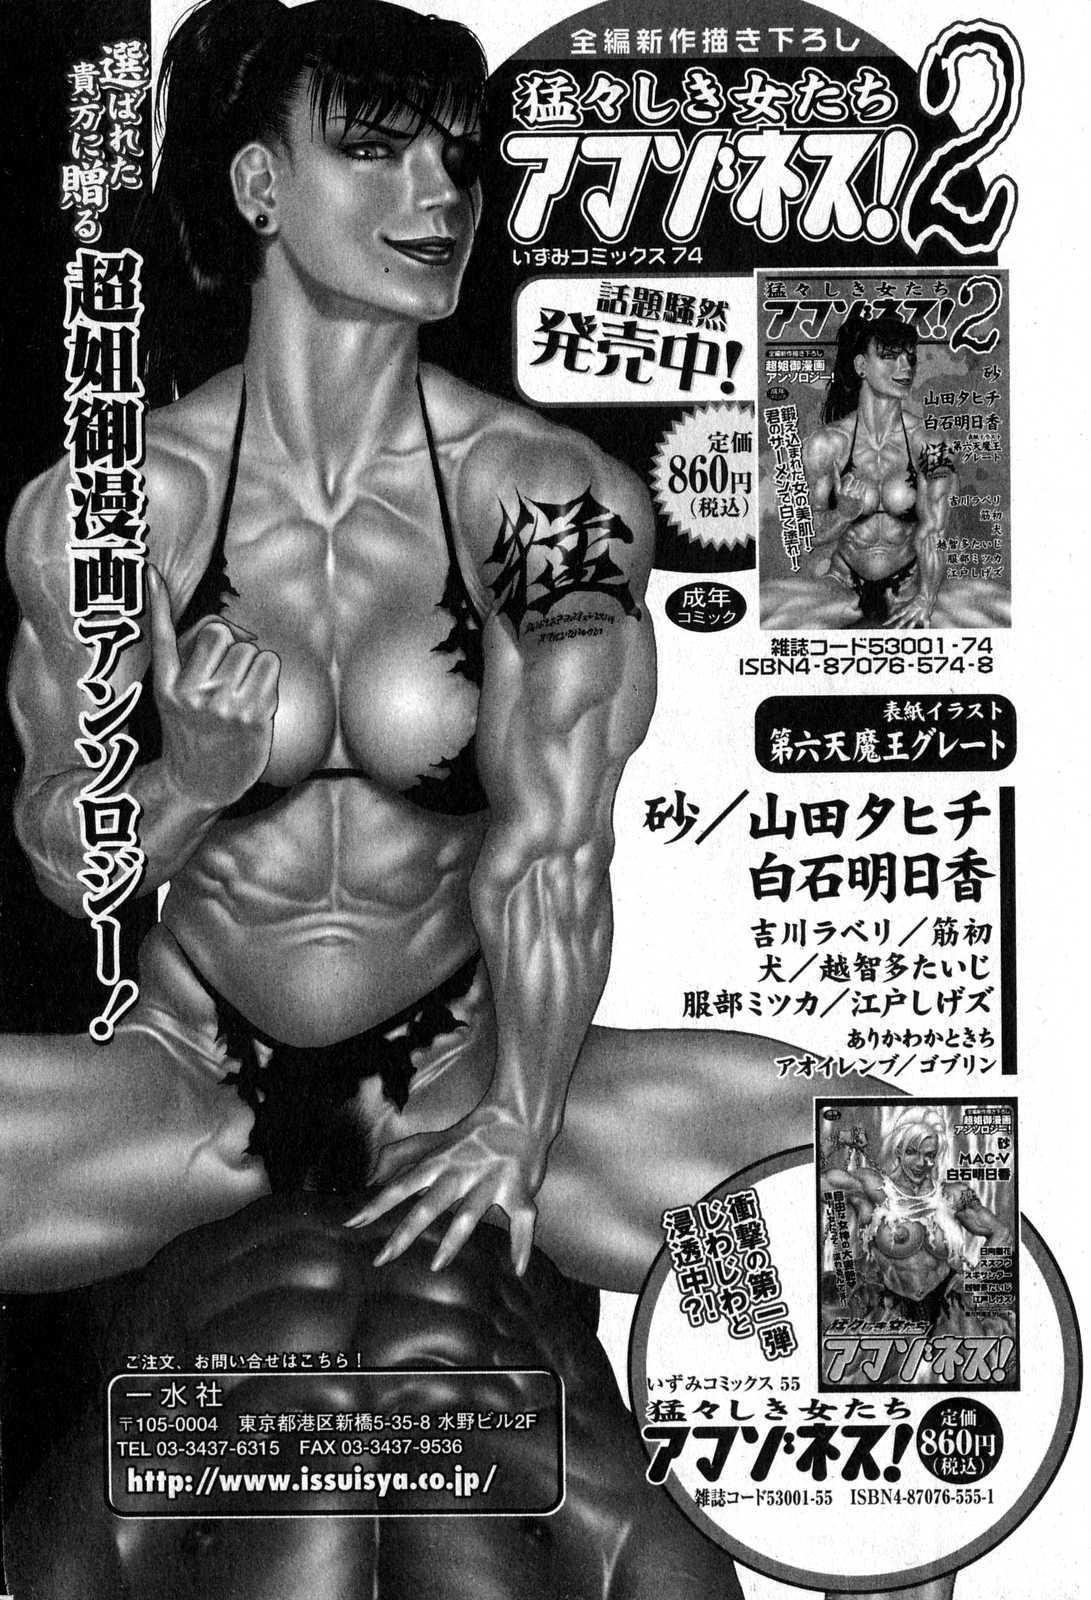 Bishoujo Teki Kaikatsu Ryoku 2007 Vol.15 186